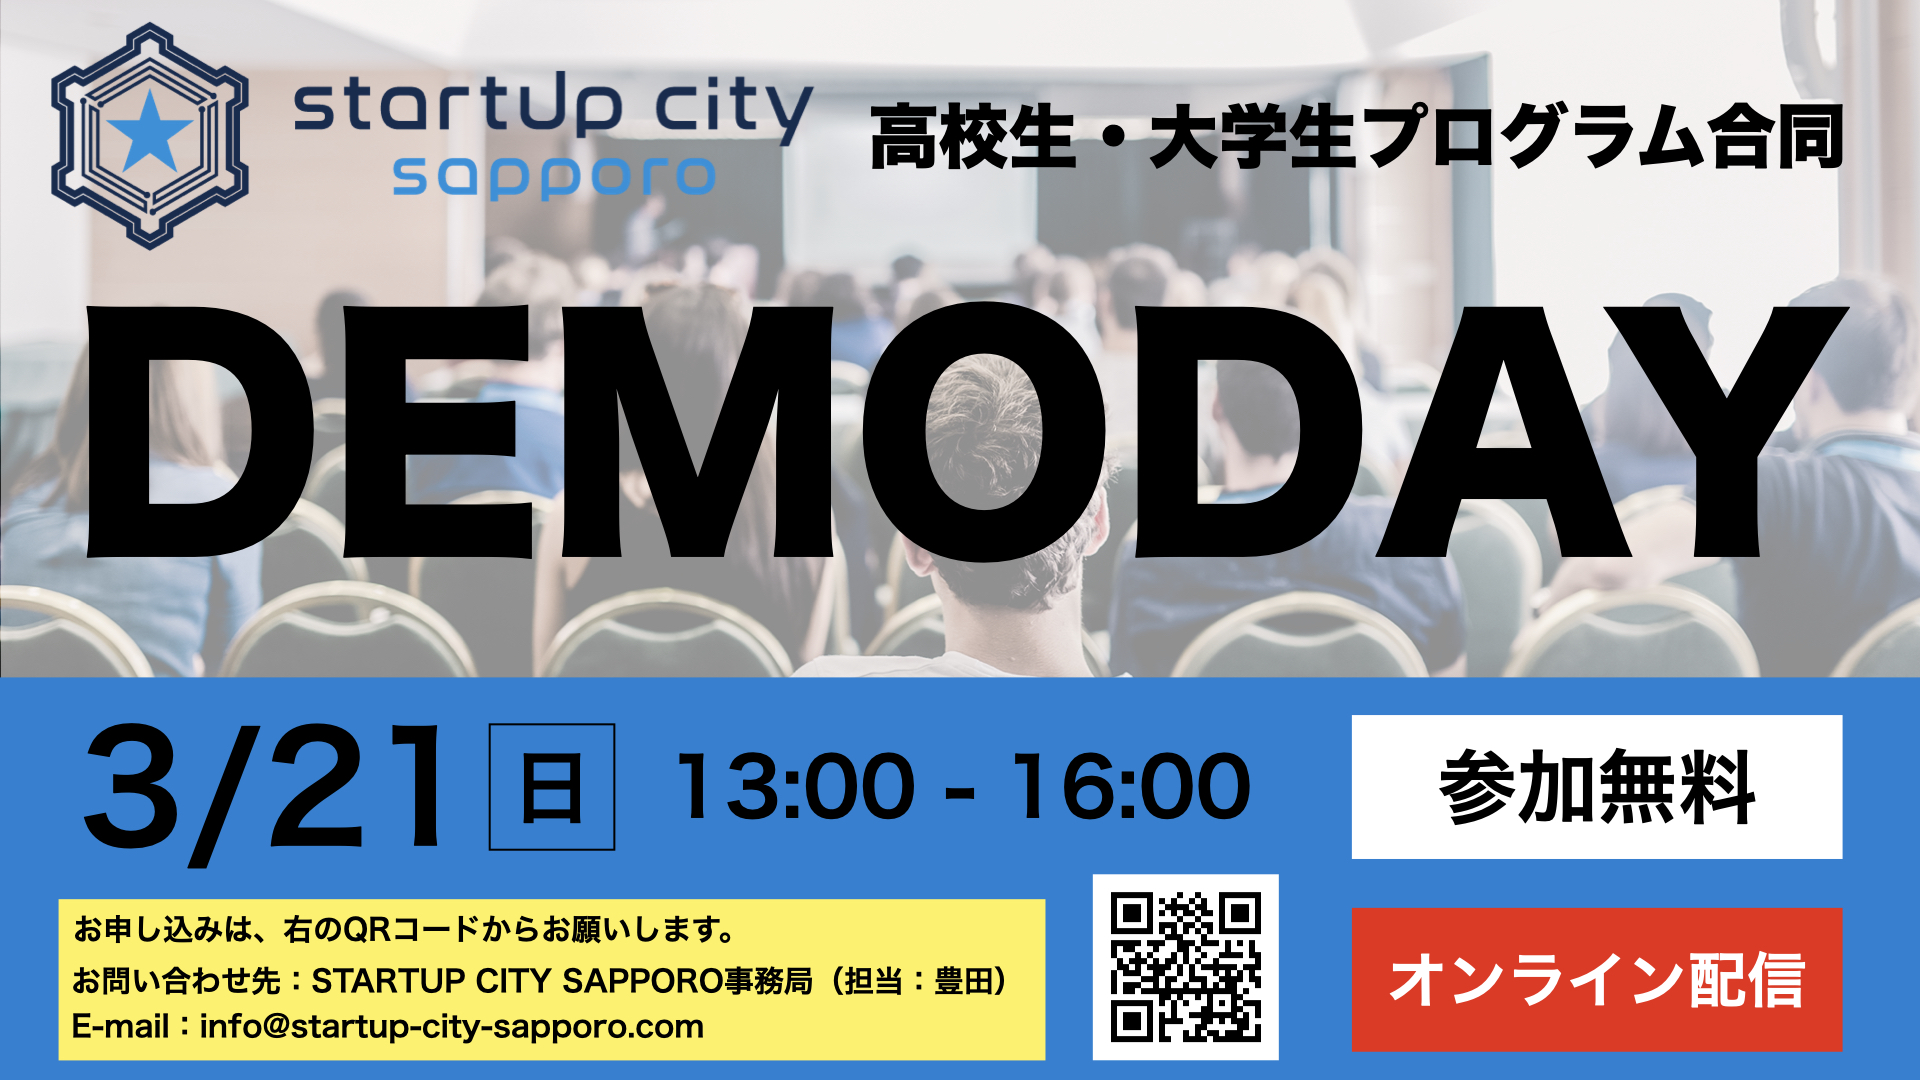 【オンライン配信】STARTUP CITY SAPPORO 高校生・大学生プログラム合同 DEMODAY